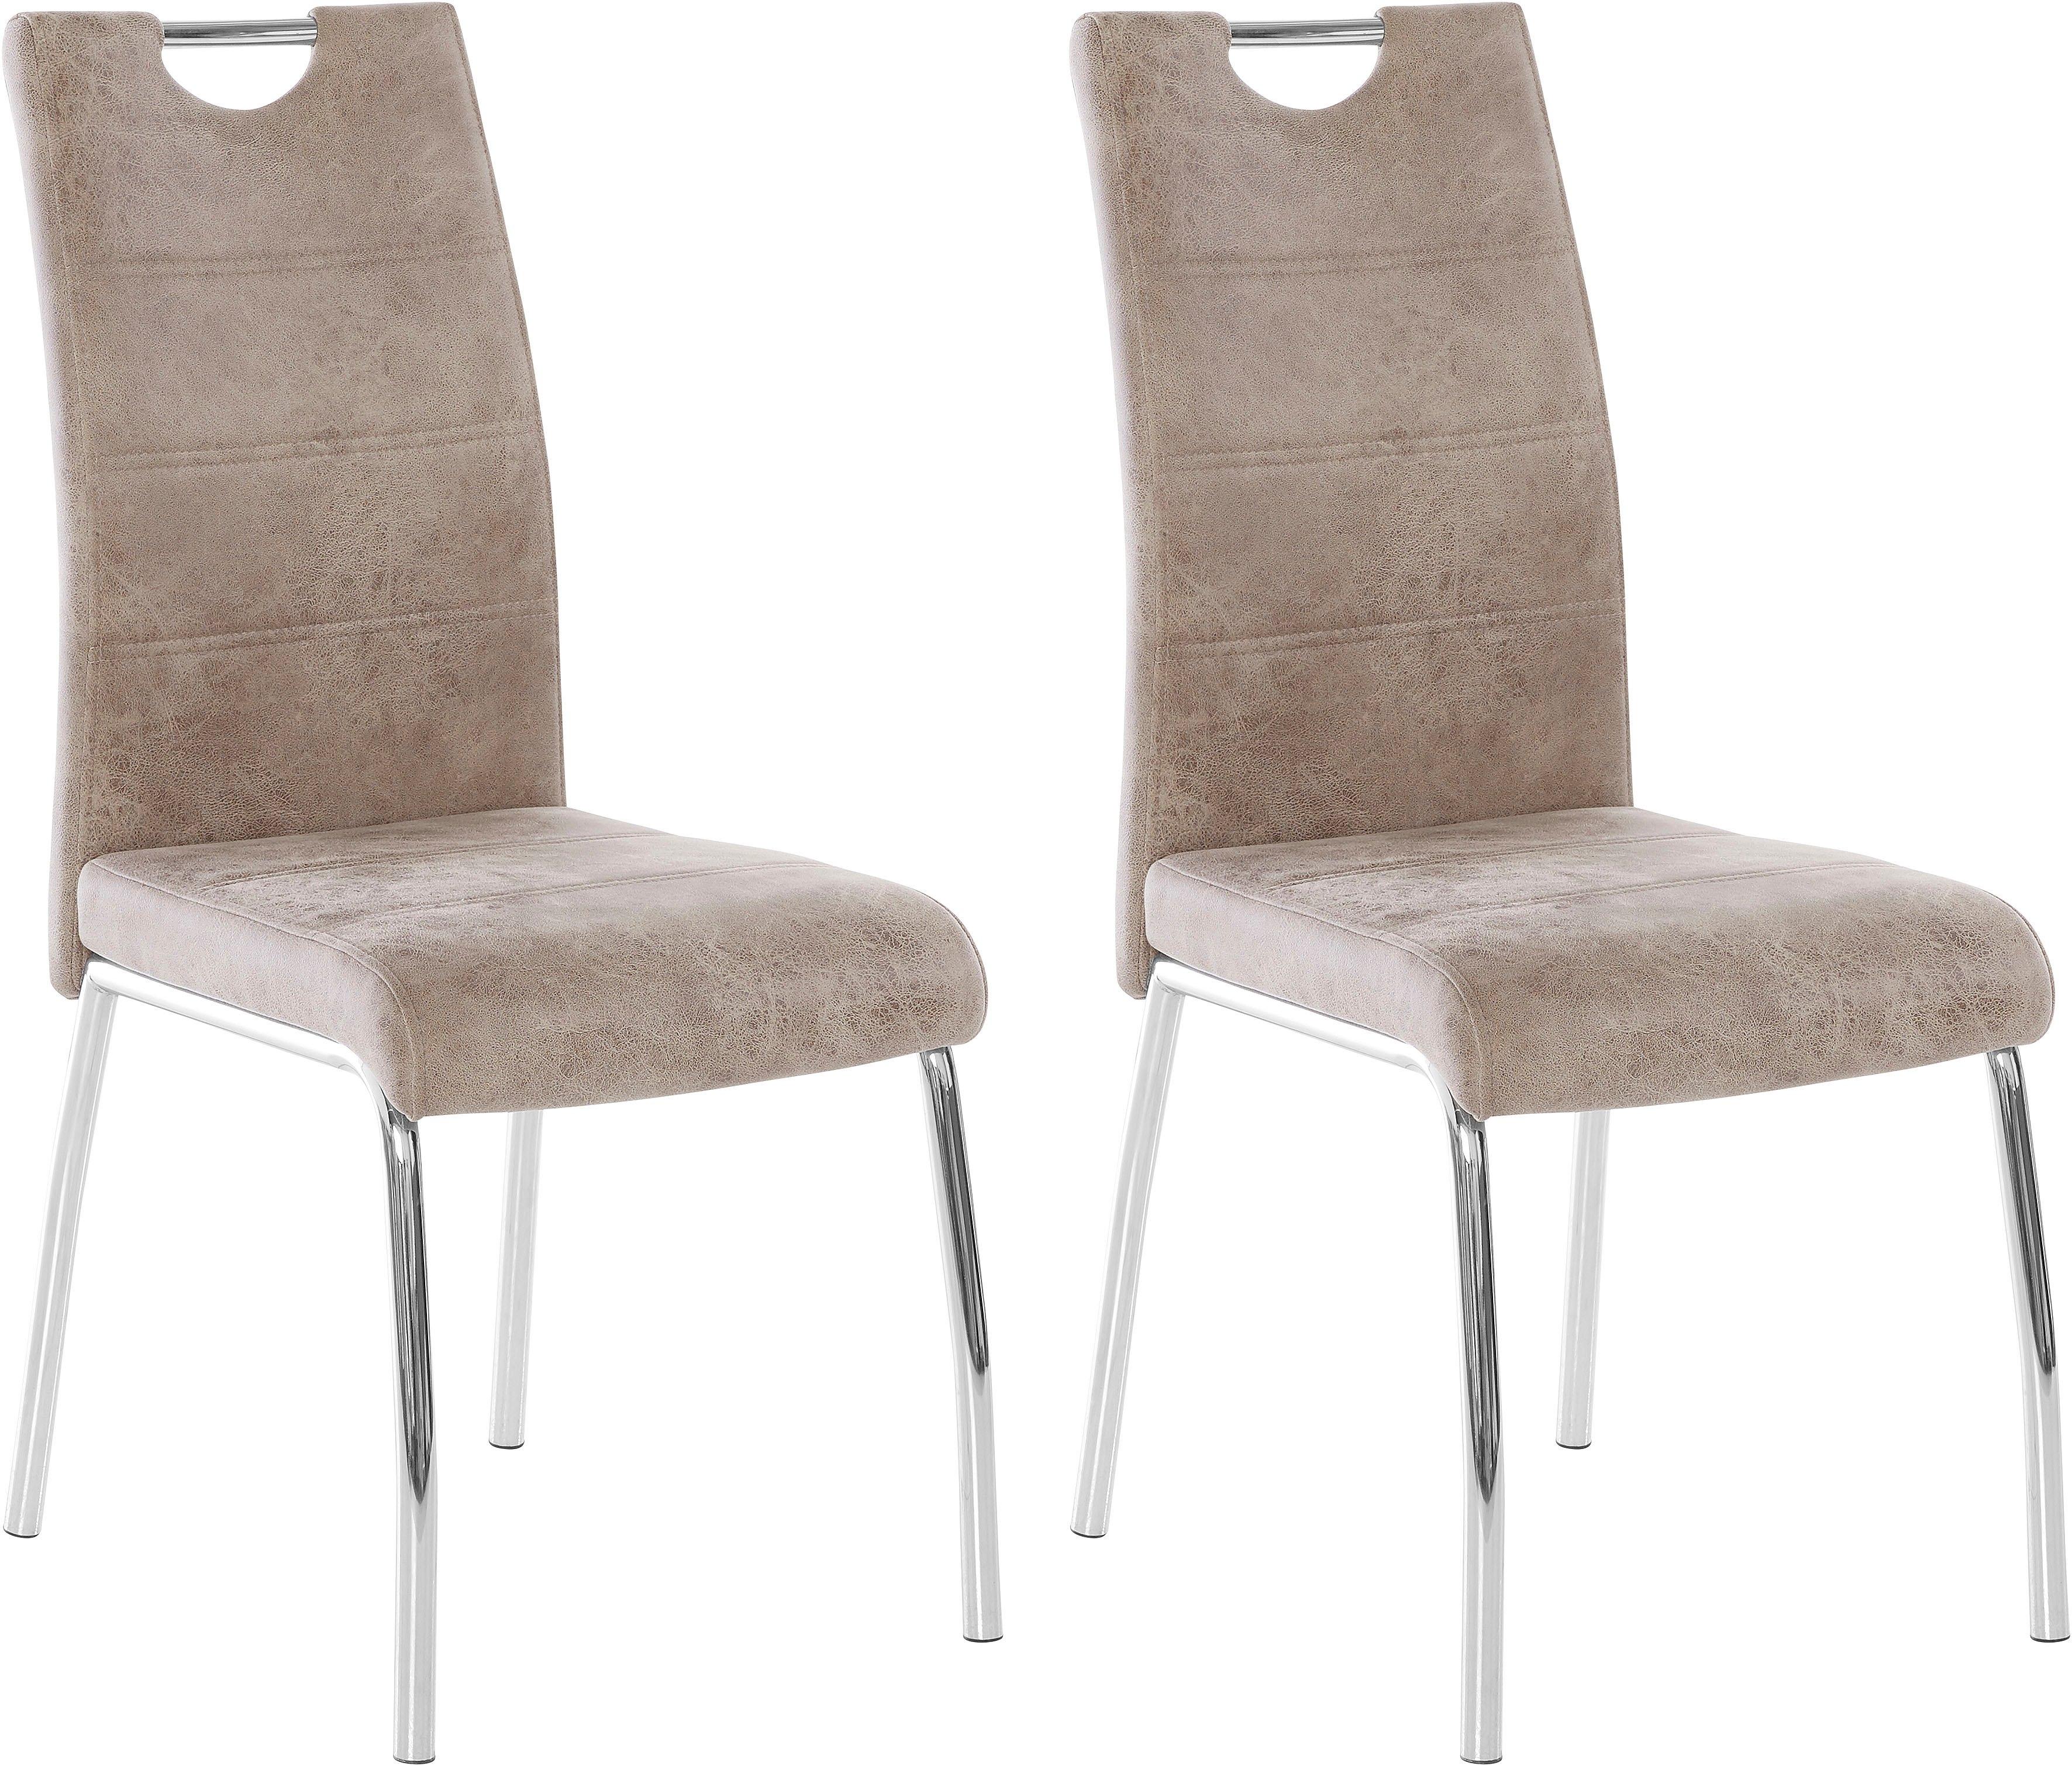 HELA stoel